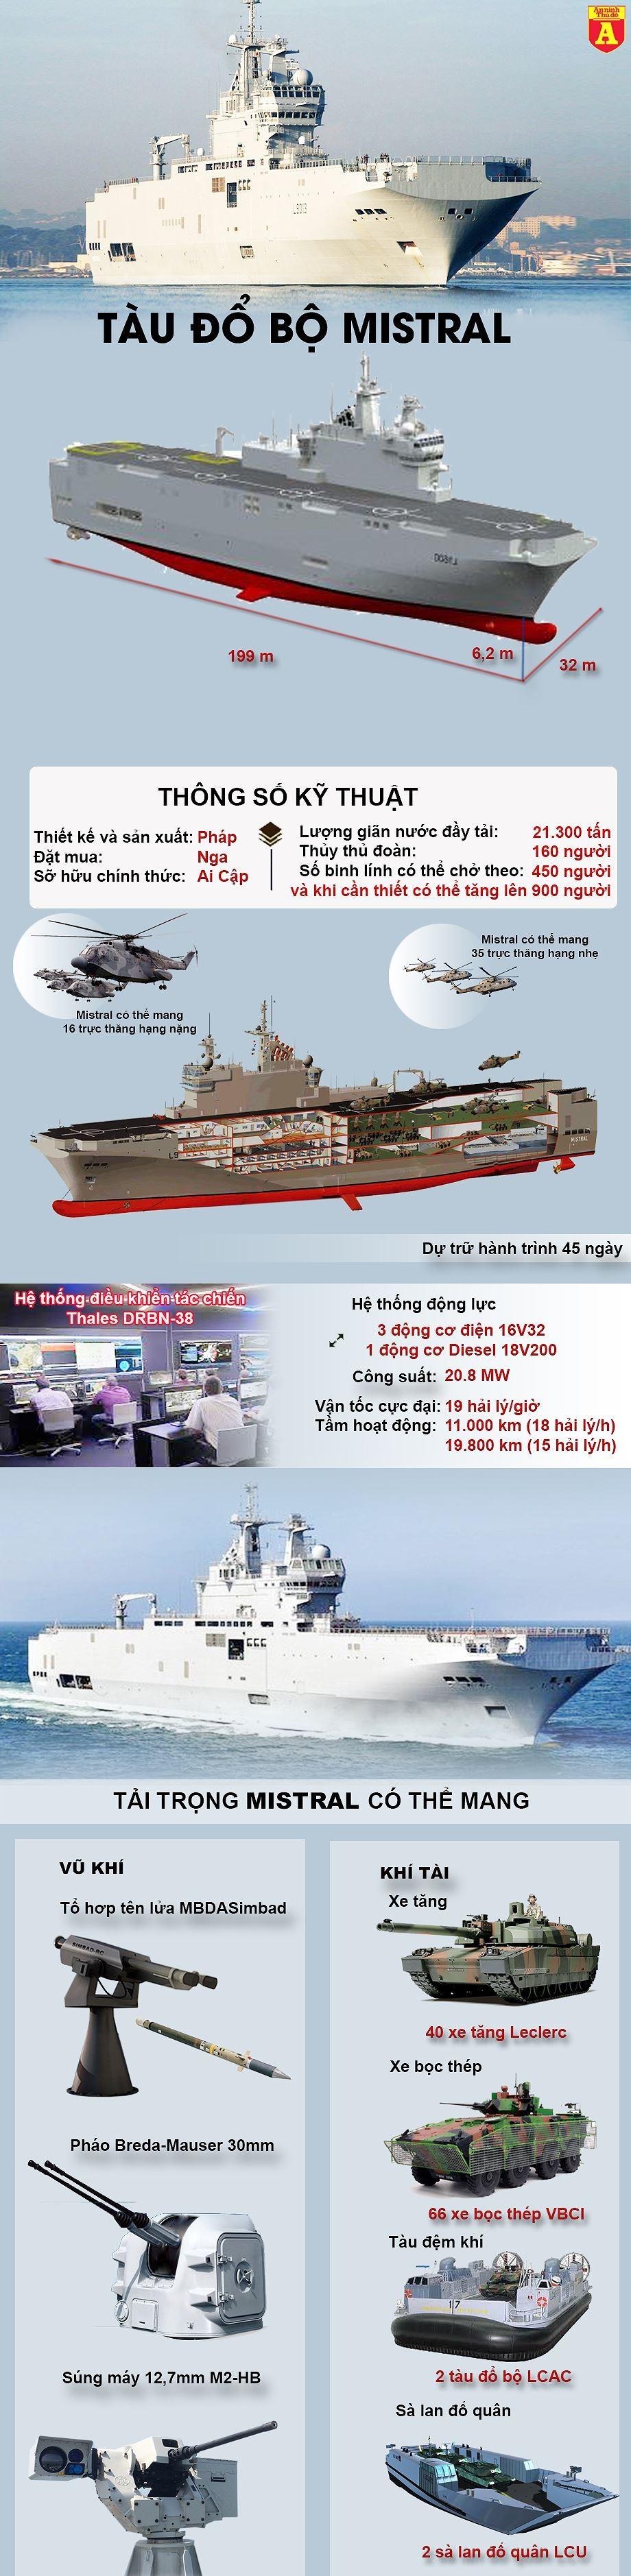 [ĐỒ HỌA] Siêu tàu đổ bộ khổng lồ Mitral của Pháp vừa tới Việt Nam ảnh 2